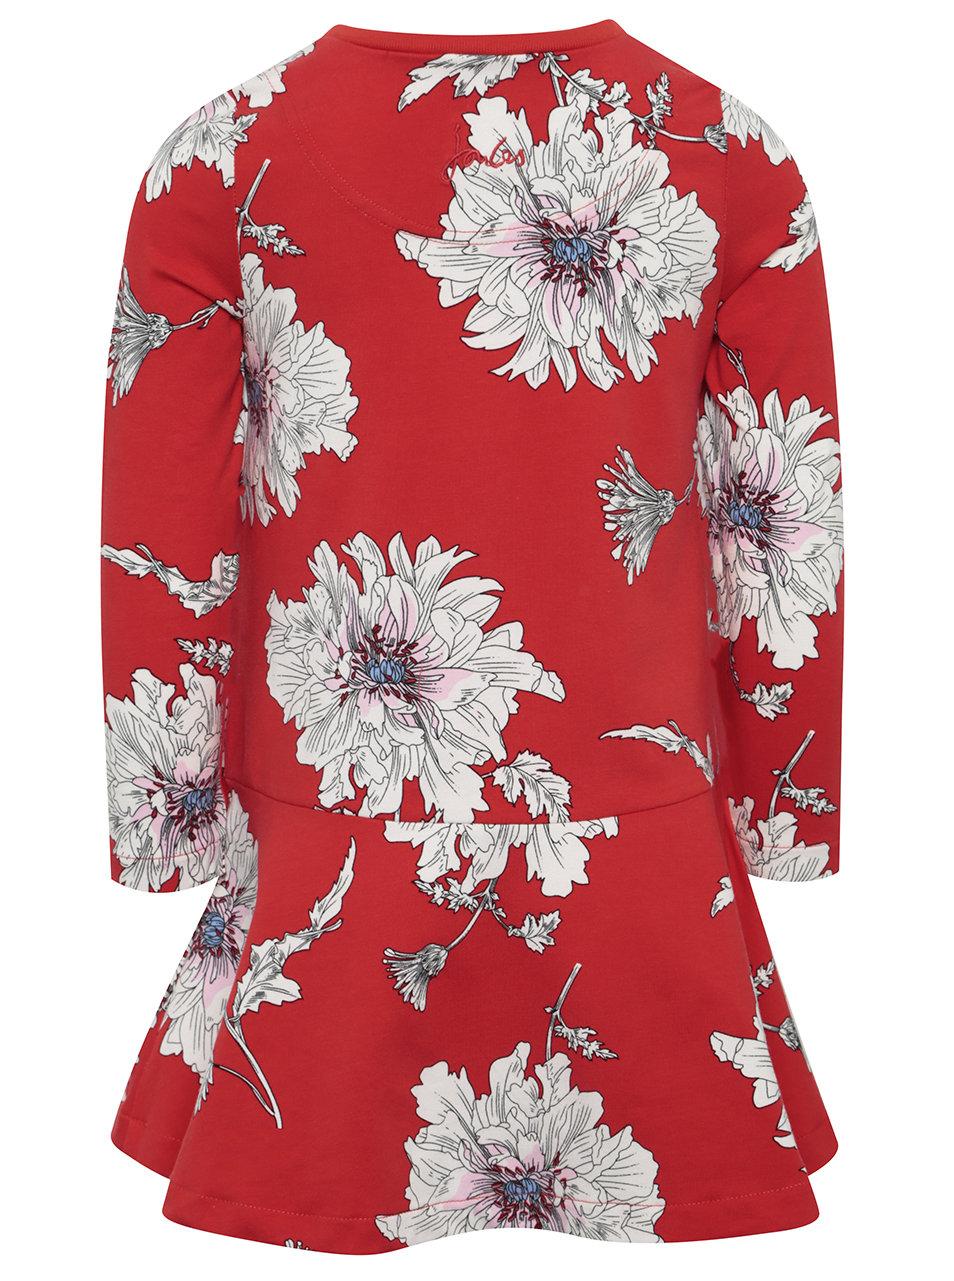 76d051f2fbd5 Červené dievčenské kvetované šaty Tom Joule ...